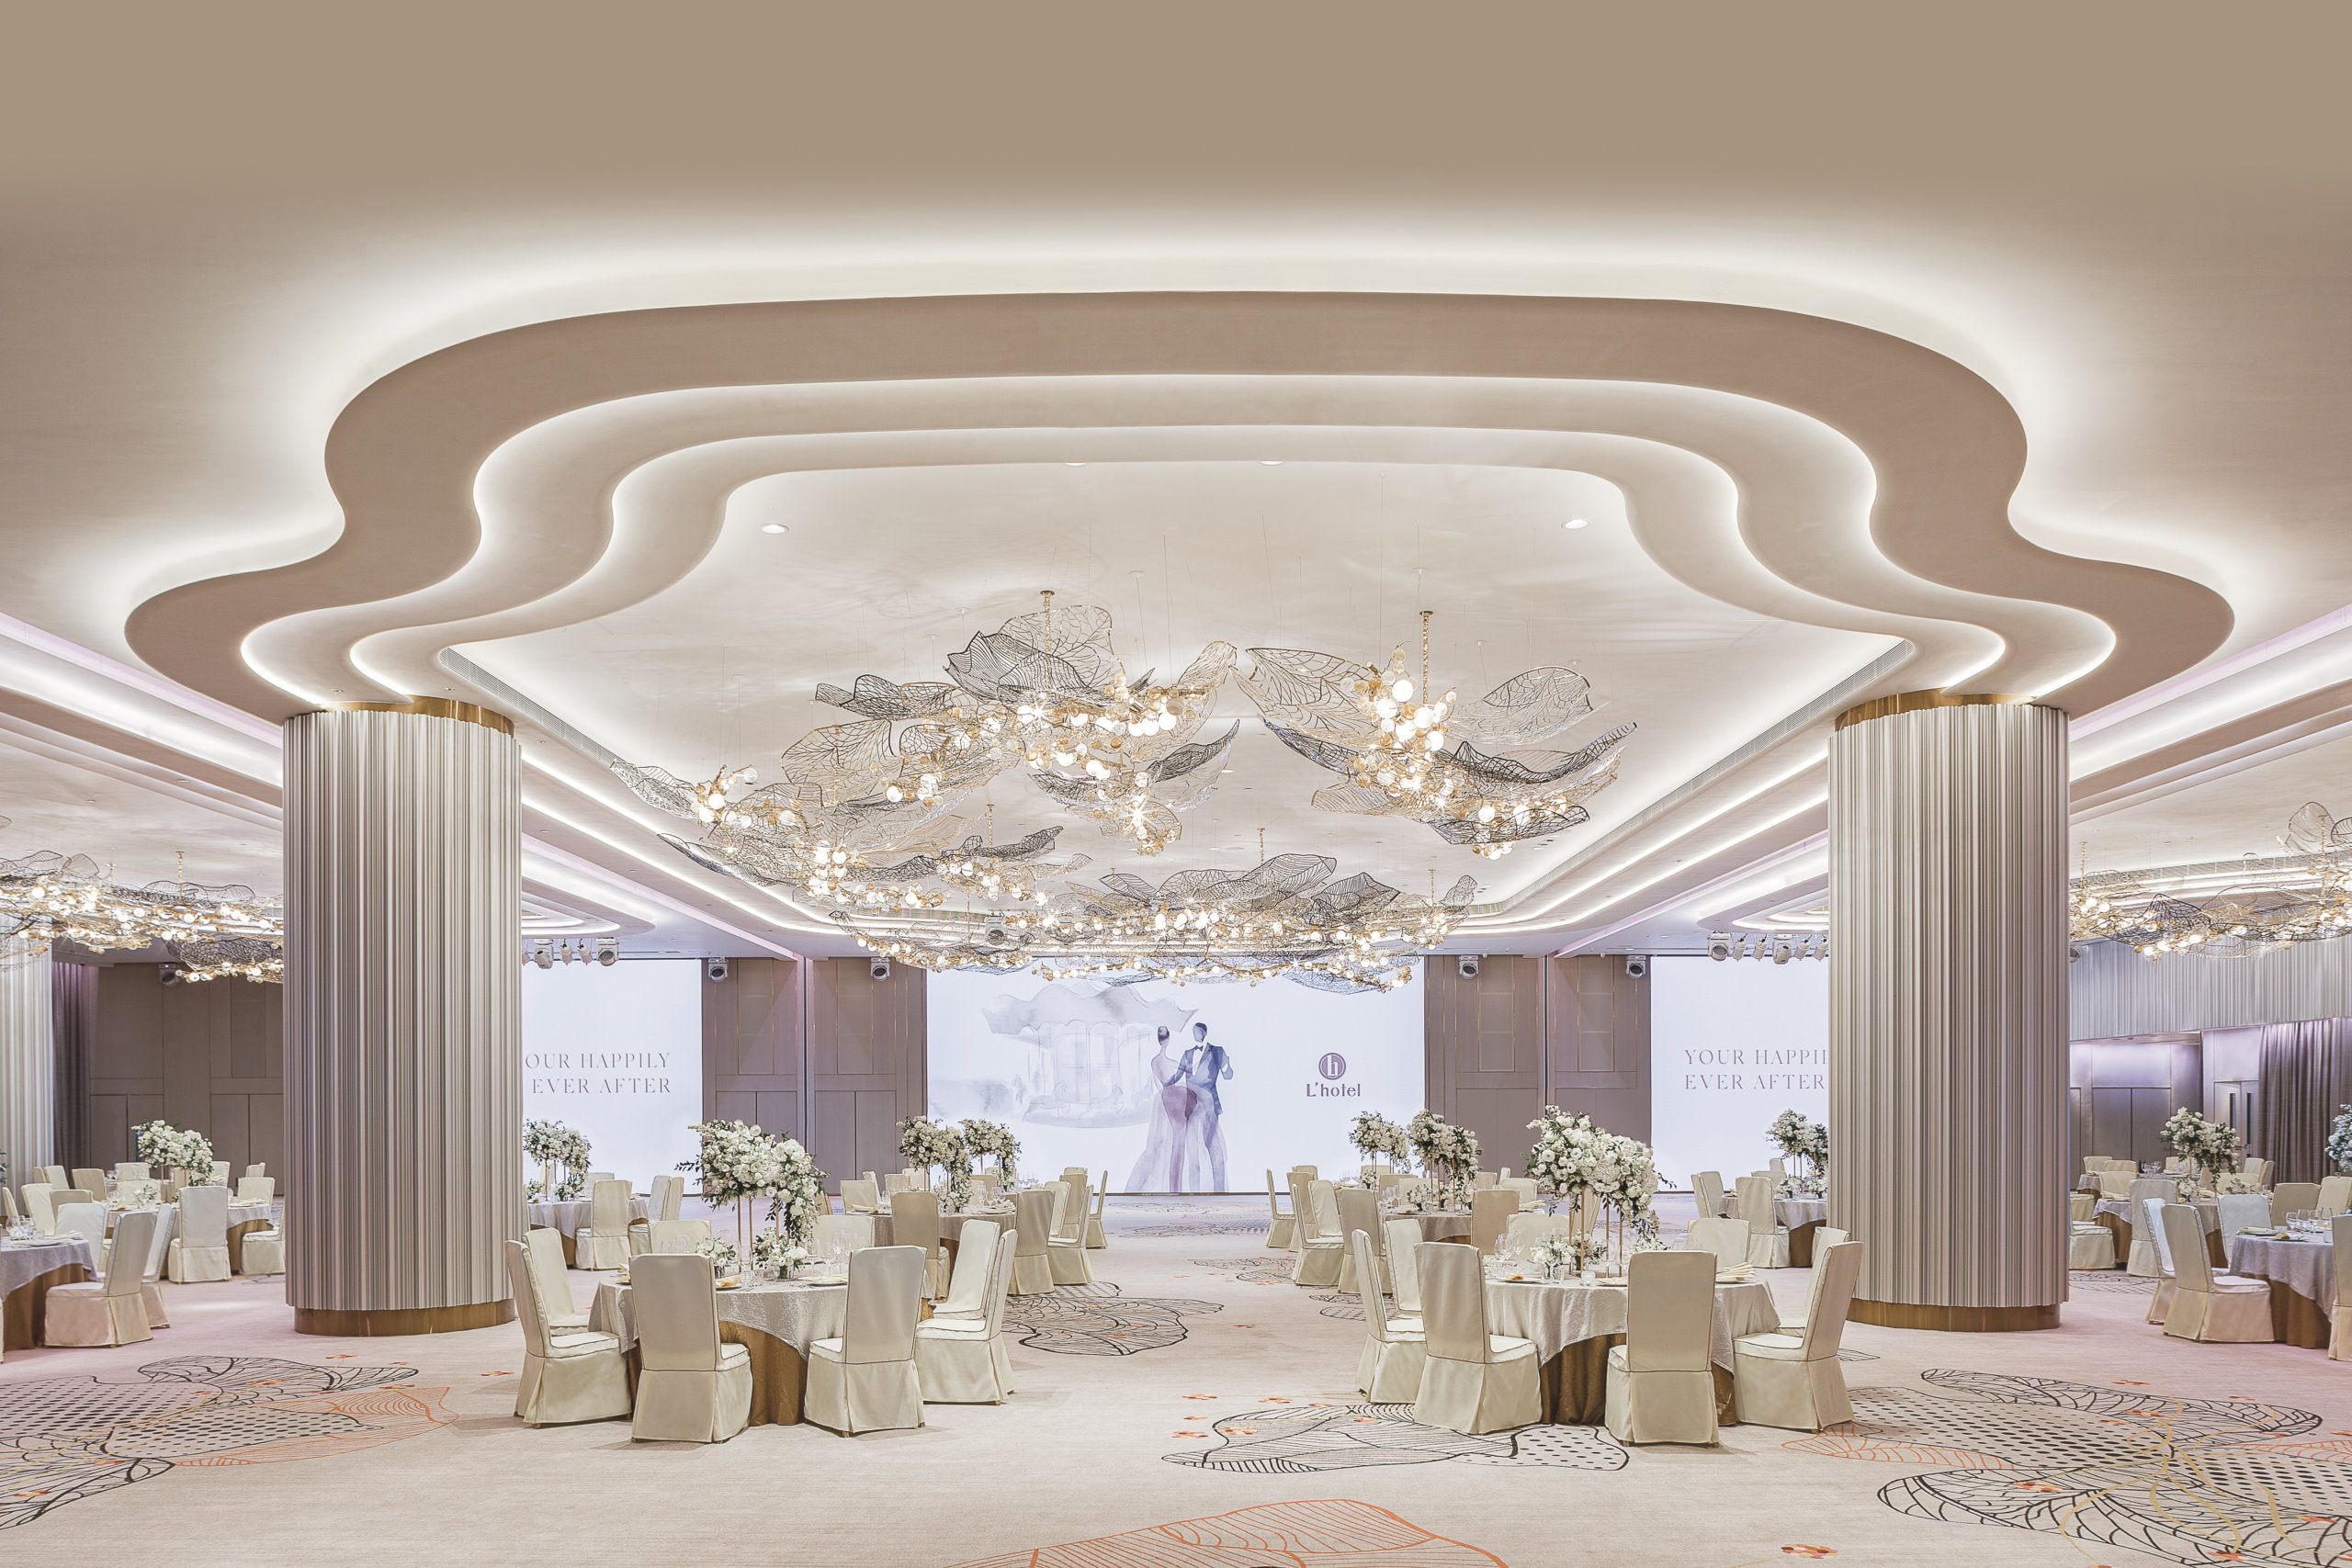 「綠色婚宴」主打摒棄傳統繁複的婚嫁習俗,致力打造時尚簡約婚禮為主。